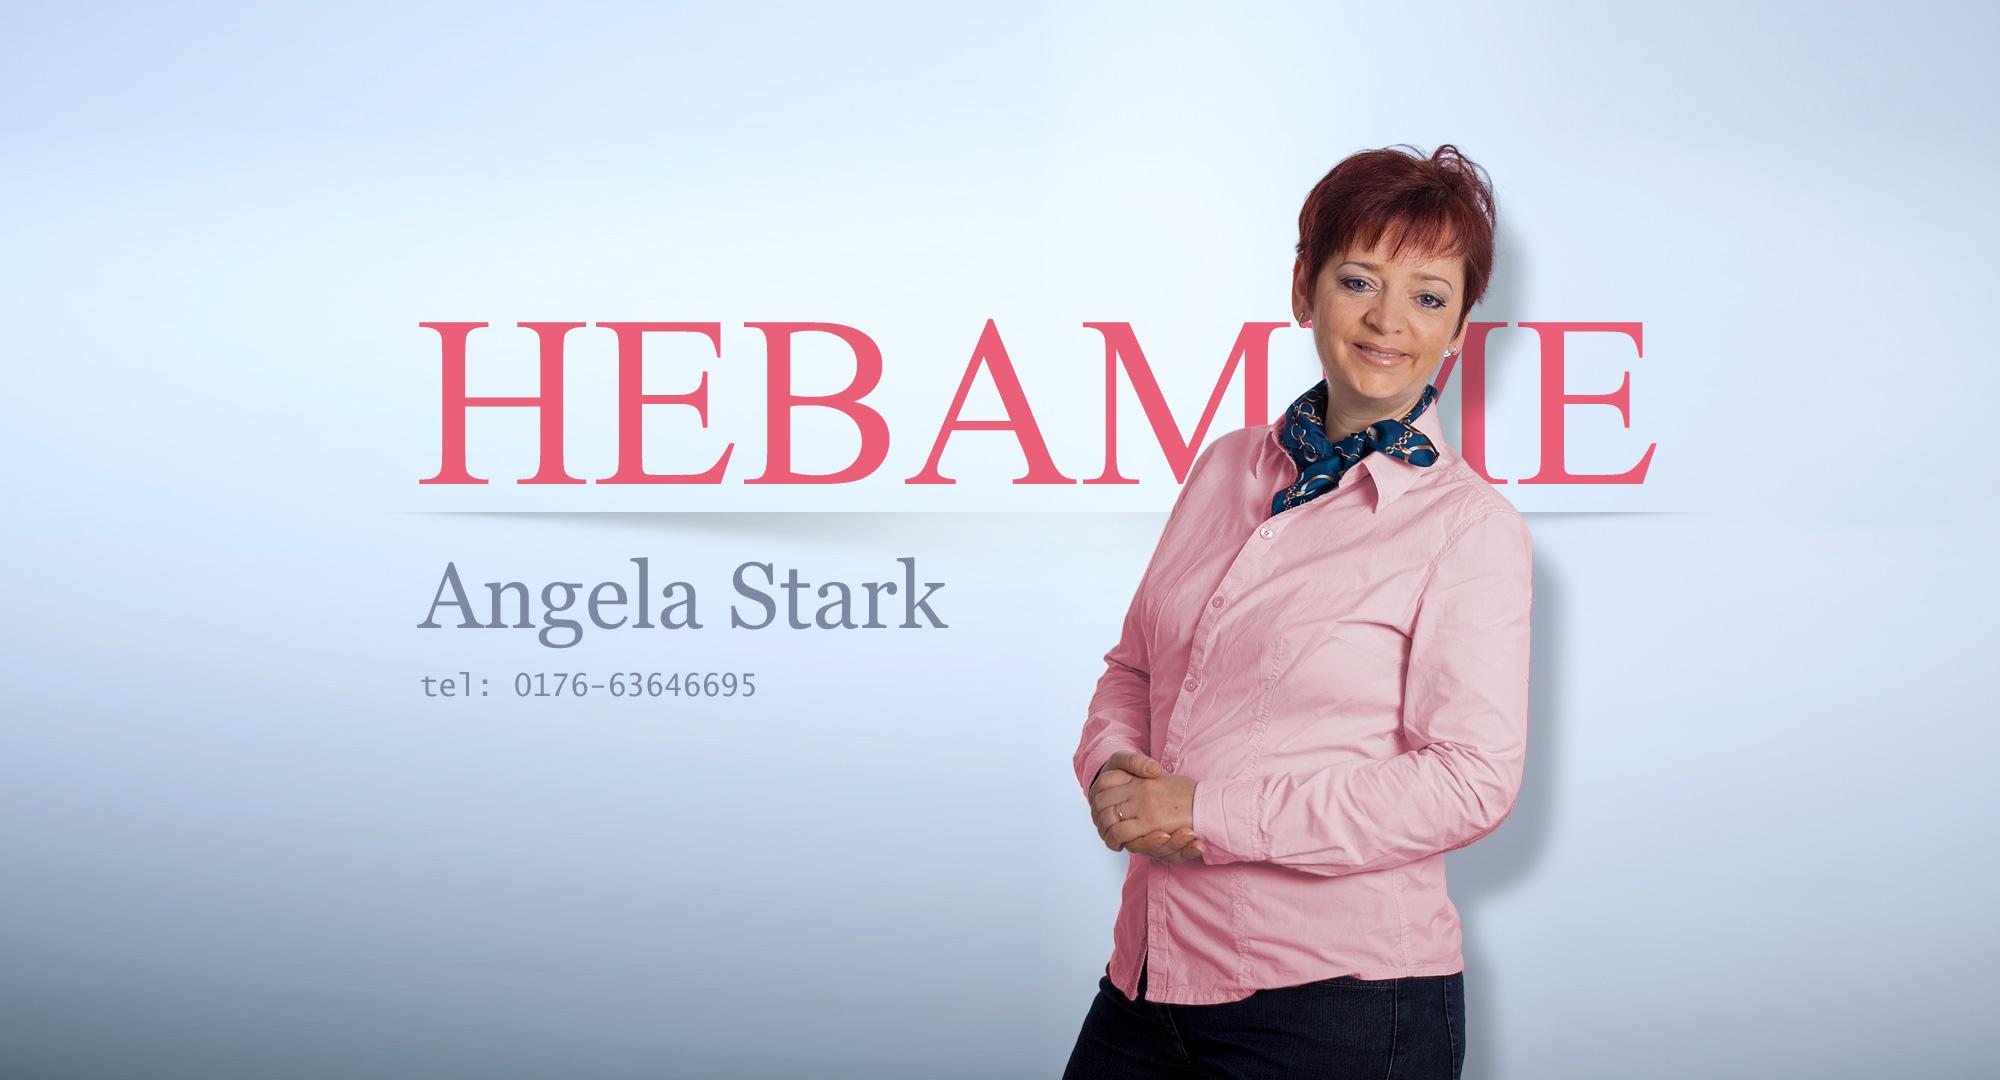 Hebamme Angela Stark